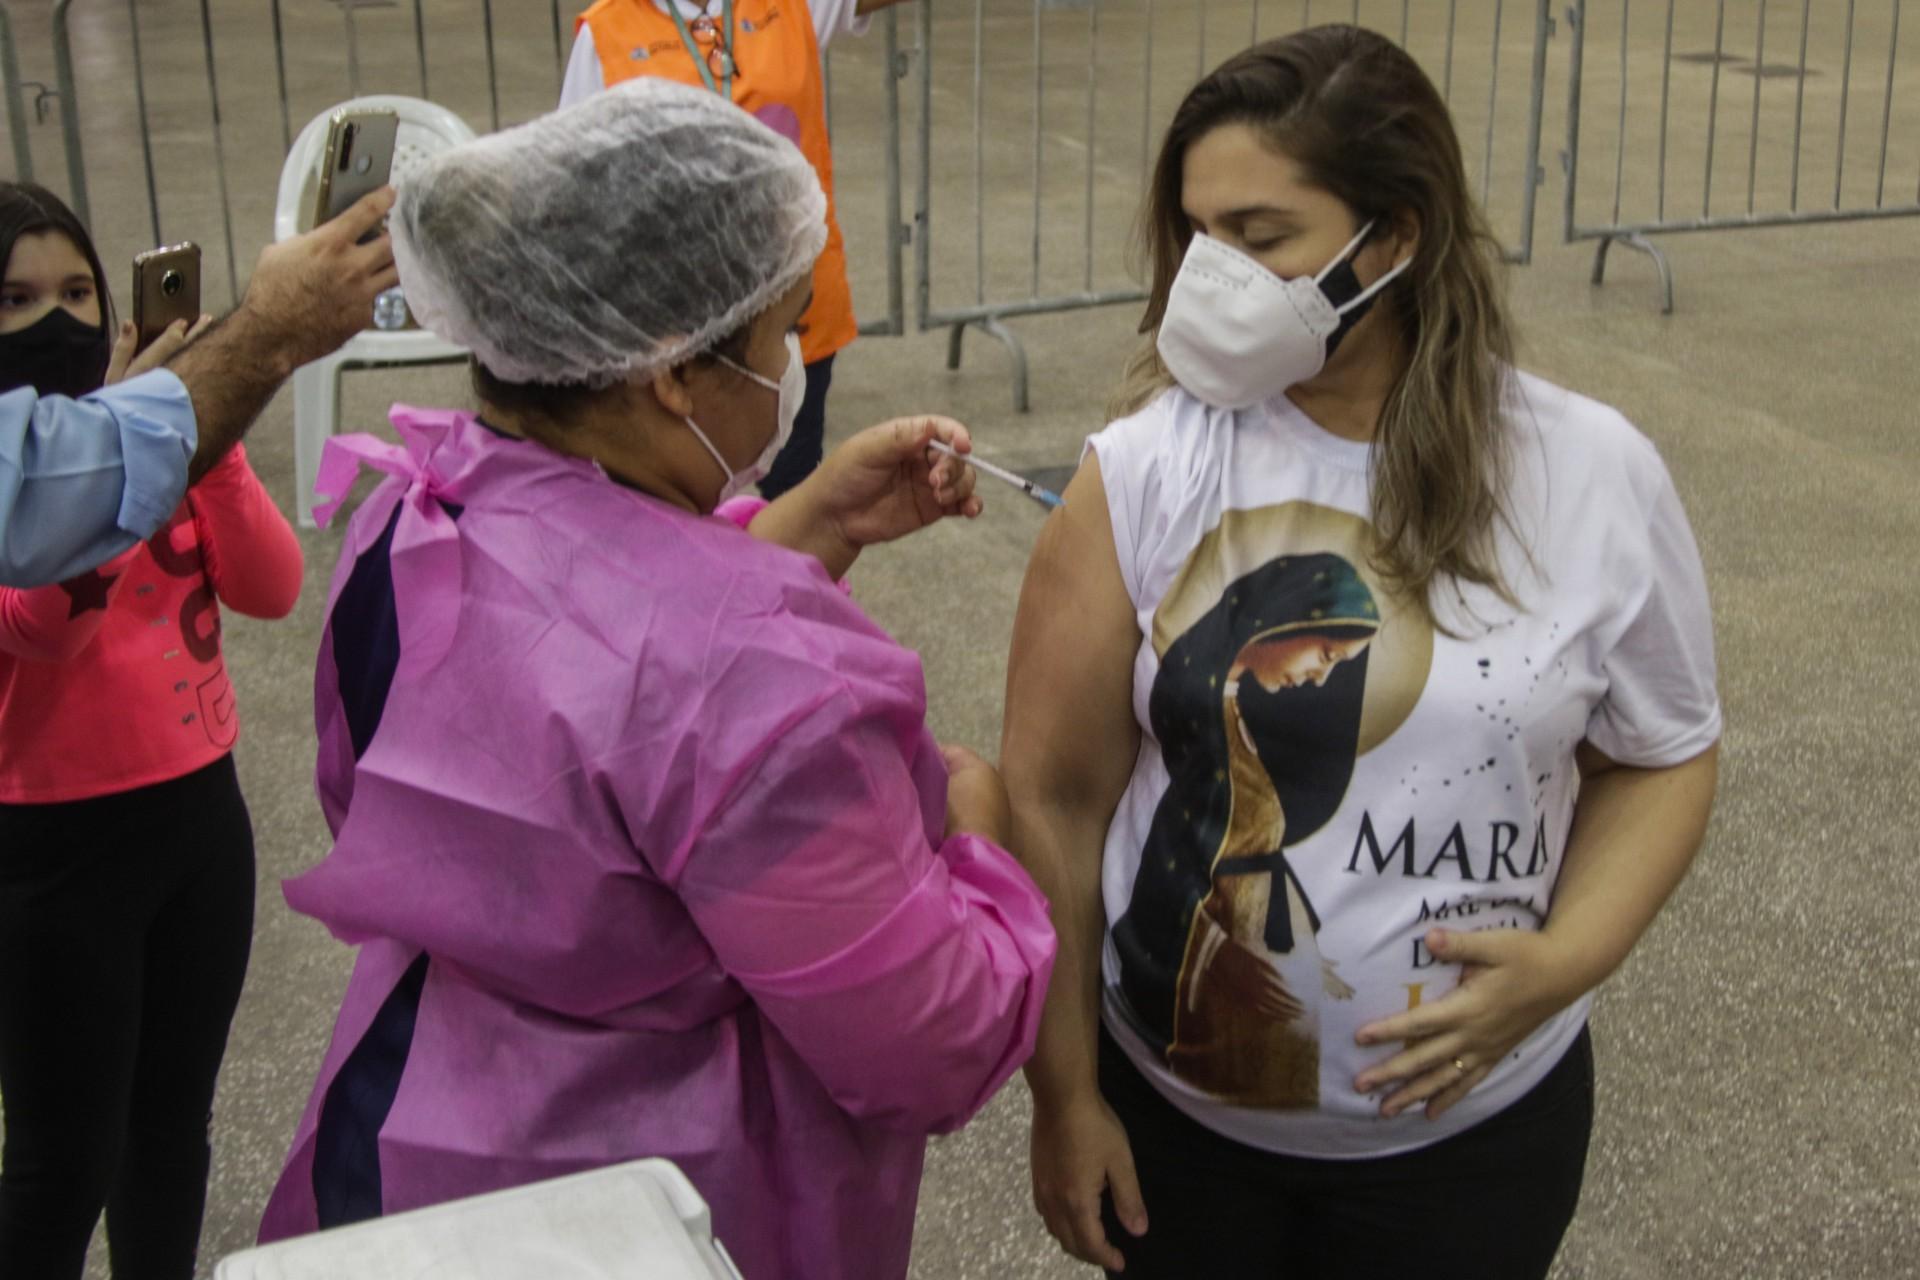 Sesa recomendou a oferta da segunda dose da Pfizer para grávidas e puérperas cearenses vacinadas com a primeira dose da AstraZeneca. Na foto, vacinação de grávida em Fortaleza (Foto: Thais Mesquita)